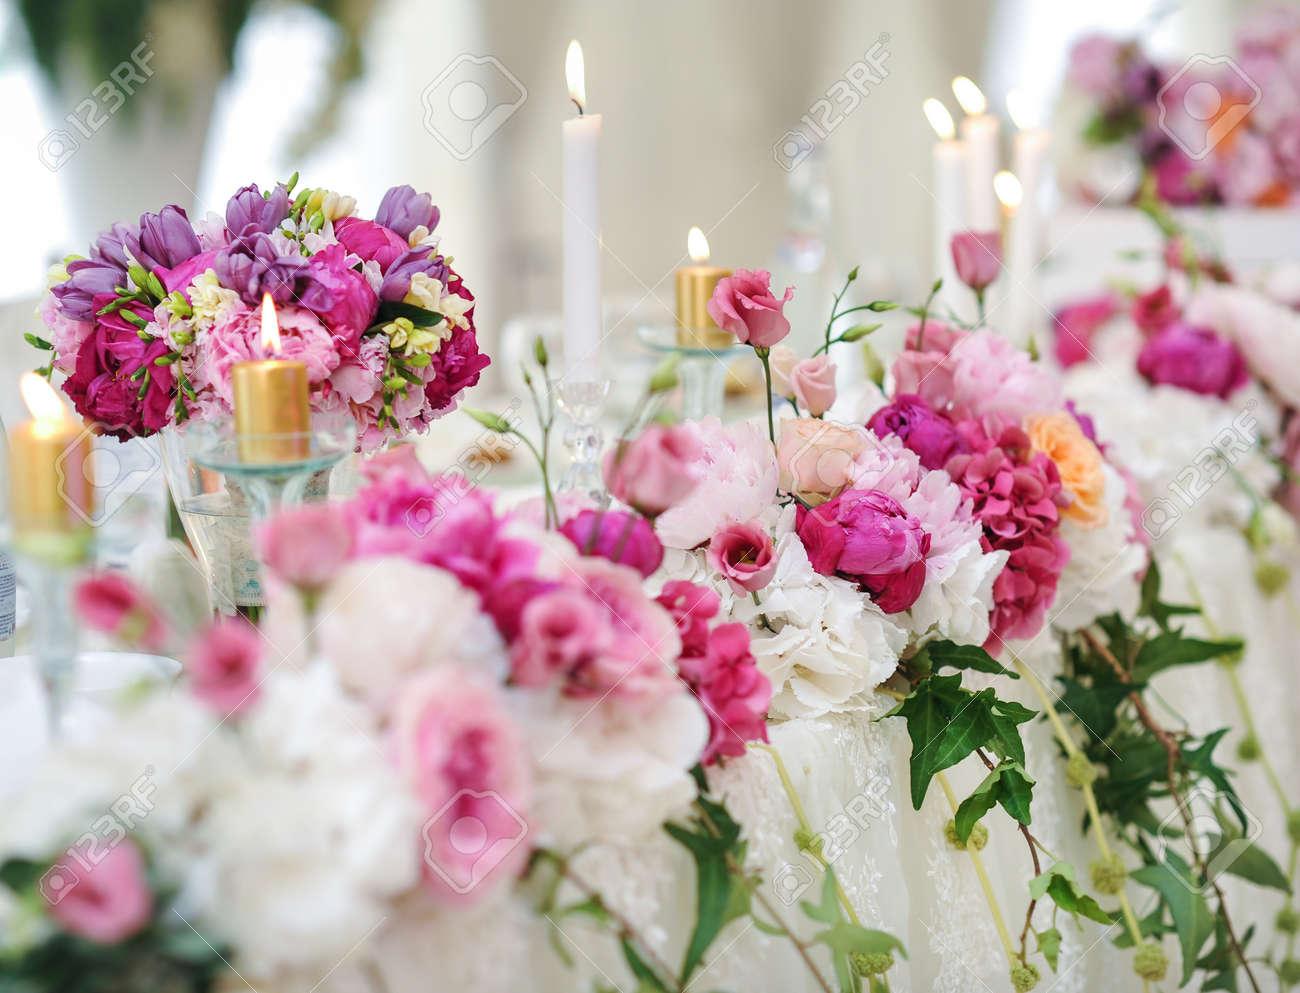 Decoración De La Boda En La Mesa Arreglos Y Decoración Floral Arreglo De Flores De Color Rosa Y Blanco En El Restaurante Para Eventos De La Boda De